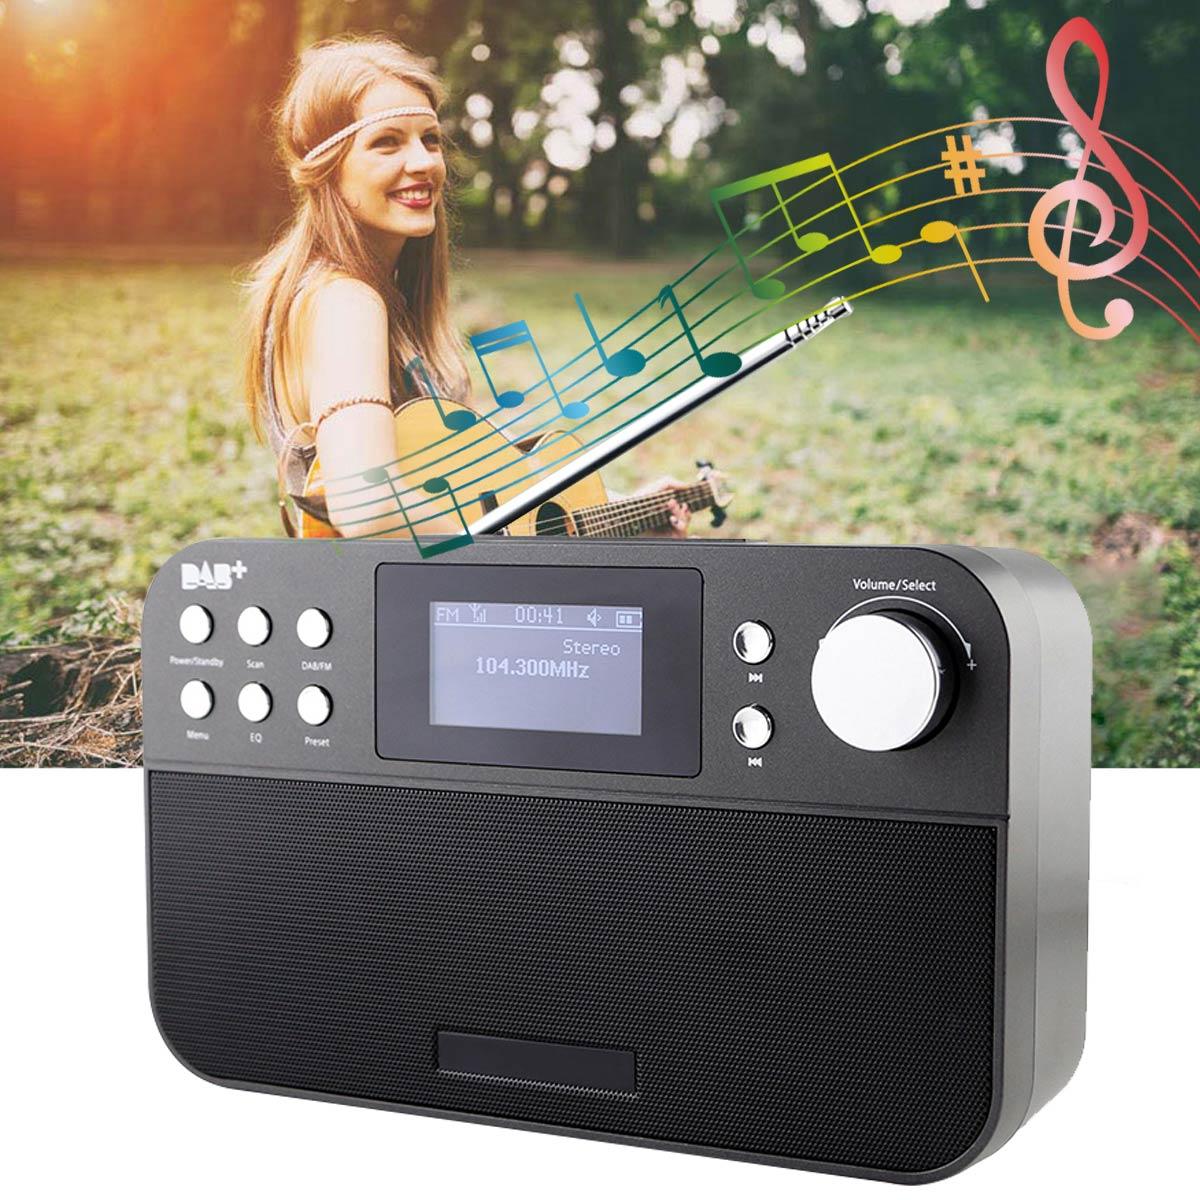 Mini récepteur FM de Radio numérique portatif extérieur avec la fonction d'alarme de Snooze d'horloge numérique d'affichage à cristaux liquides